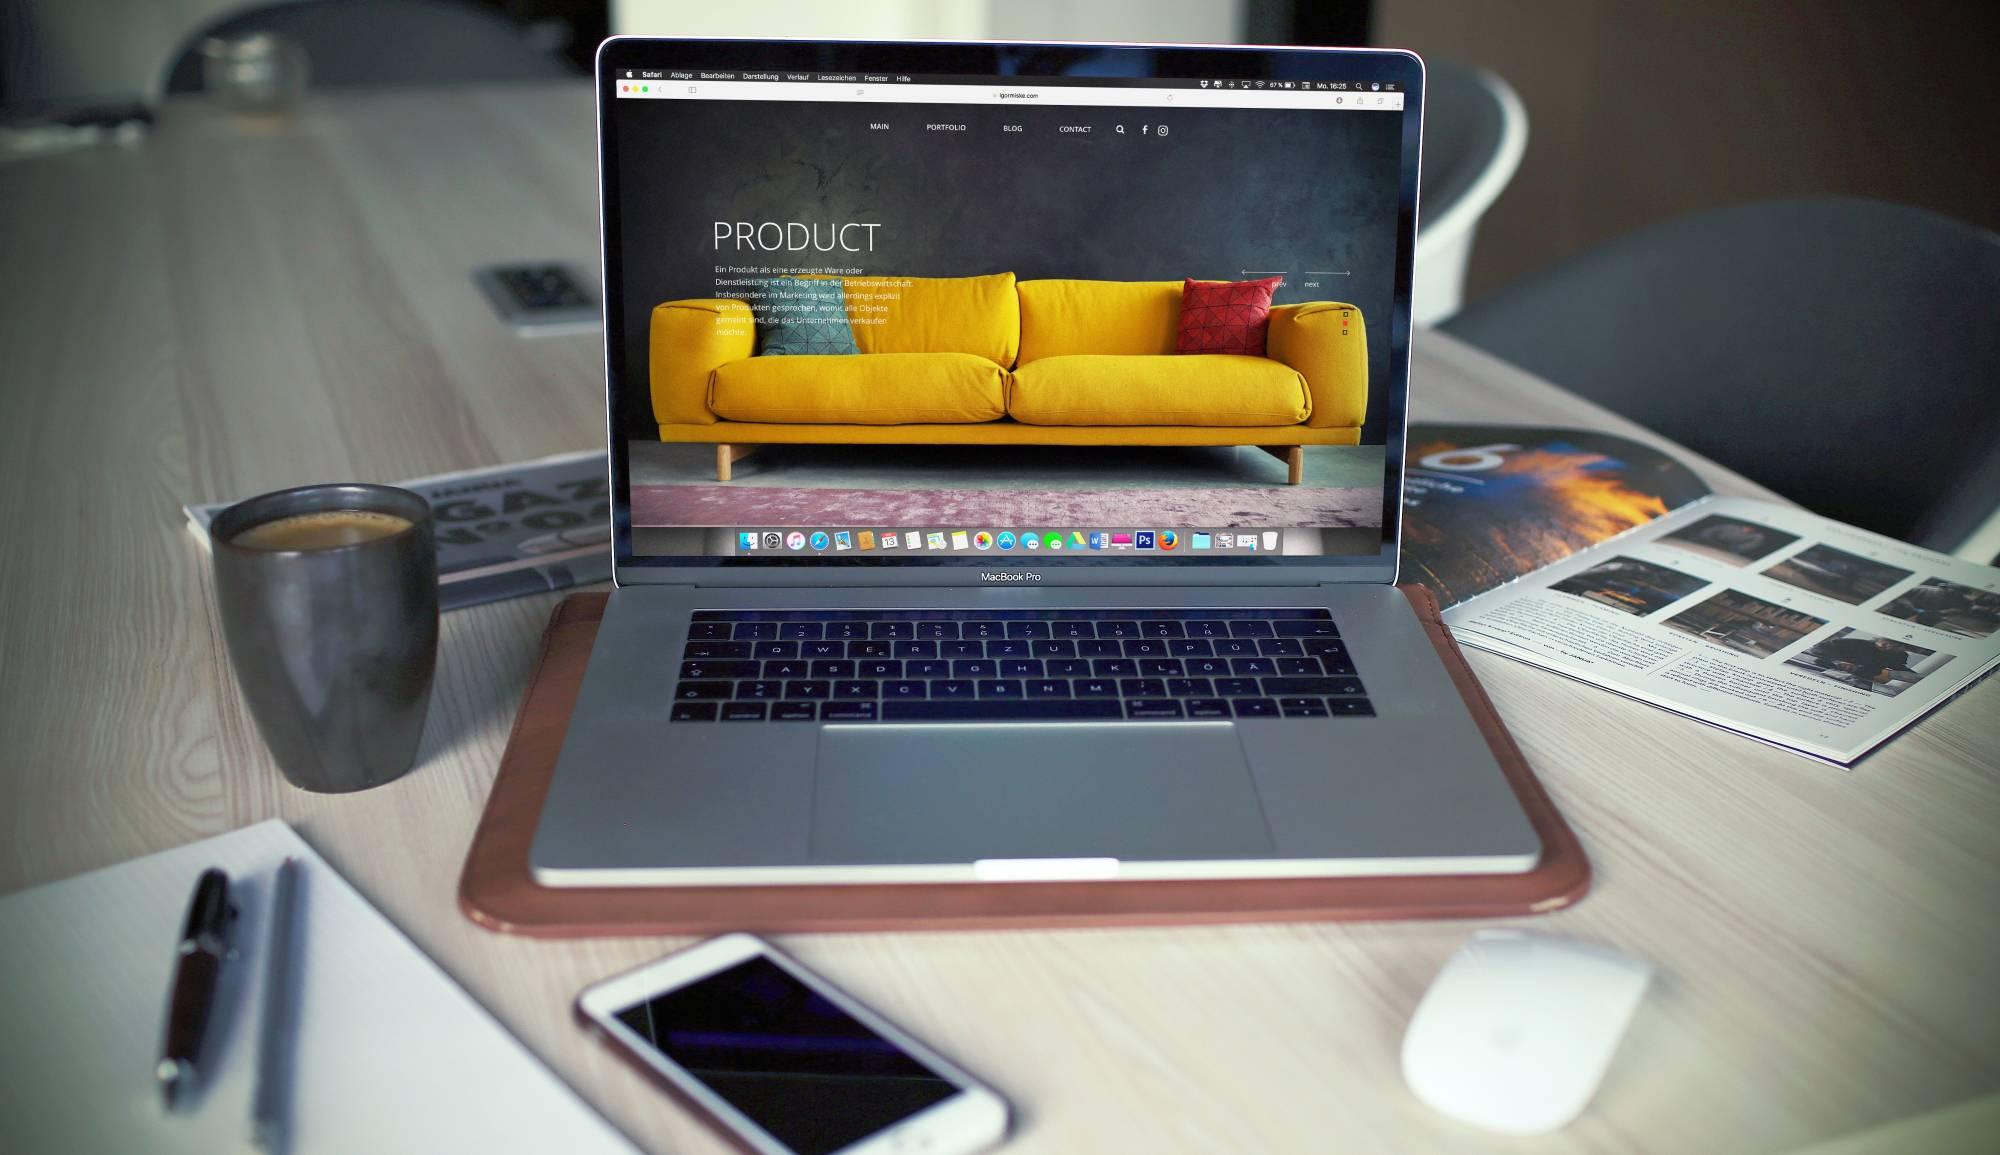 marketing-digital-inbound-contenidos-agencia-cordoba-argentina-apagina-web-paginaweb-producto.jpg